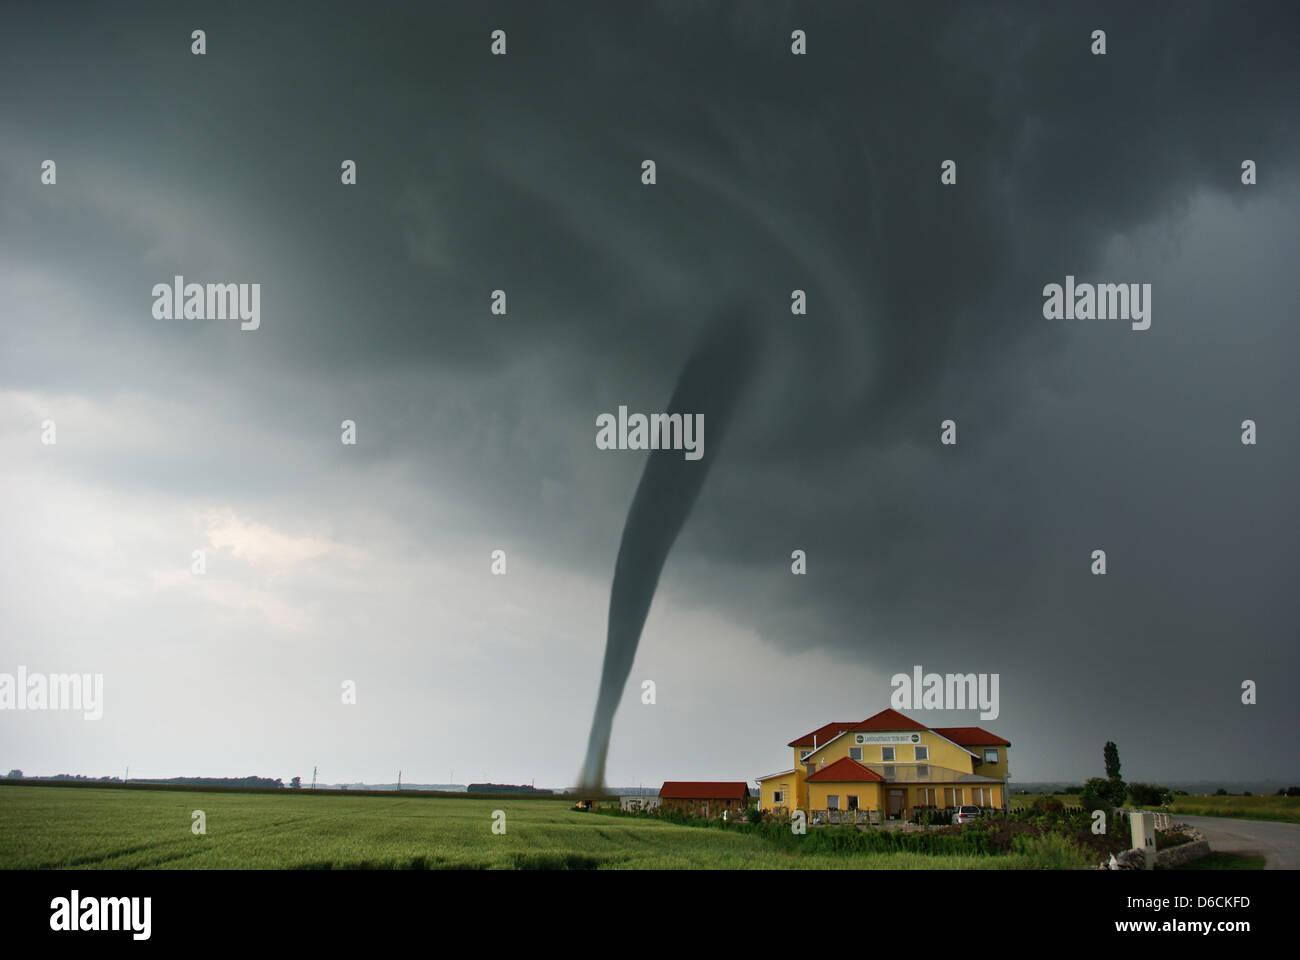 storm,natural disaster,cyclone,tornado - Stock Image